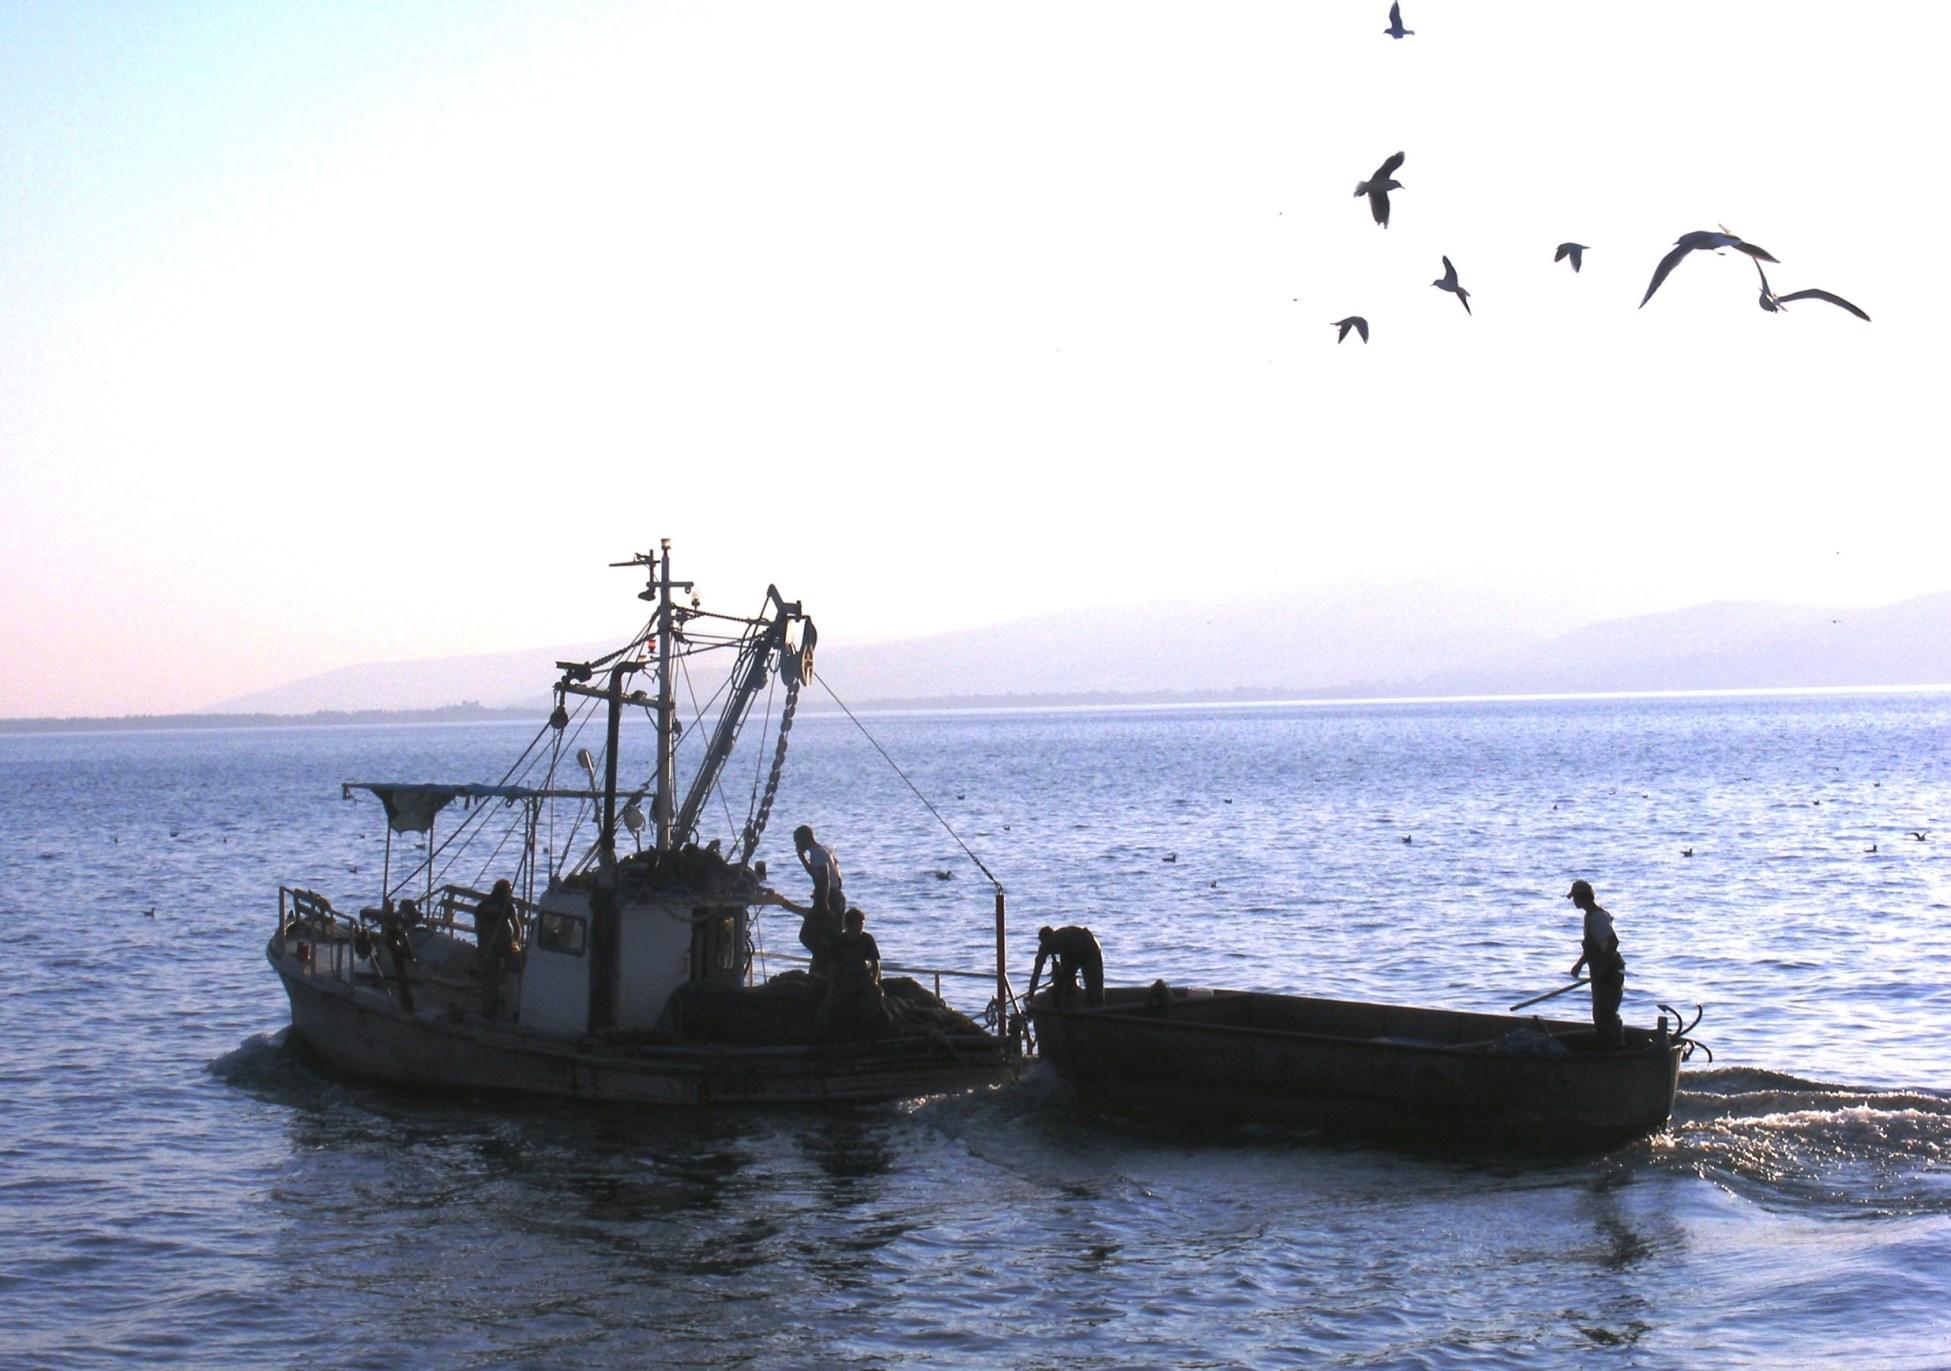 להיות דייג ליום אחד: נמל עין גב בכנרת (צילום: תקשורות יעל שביט)